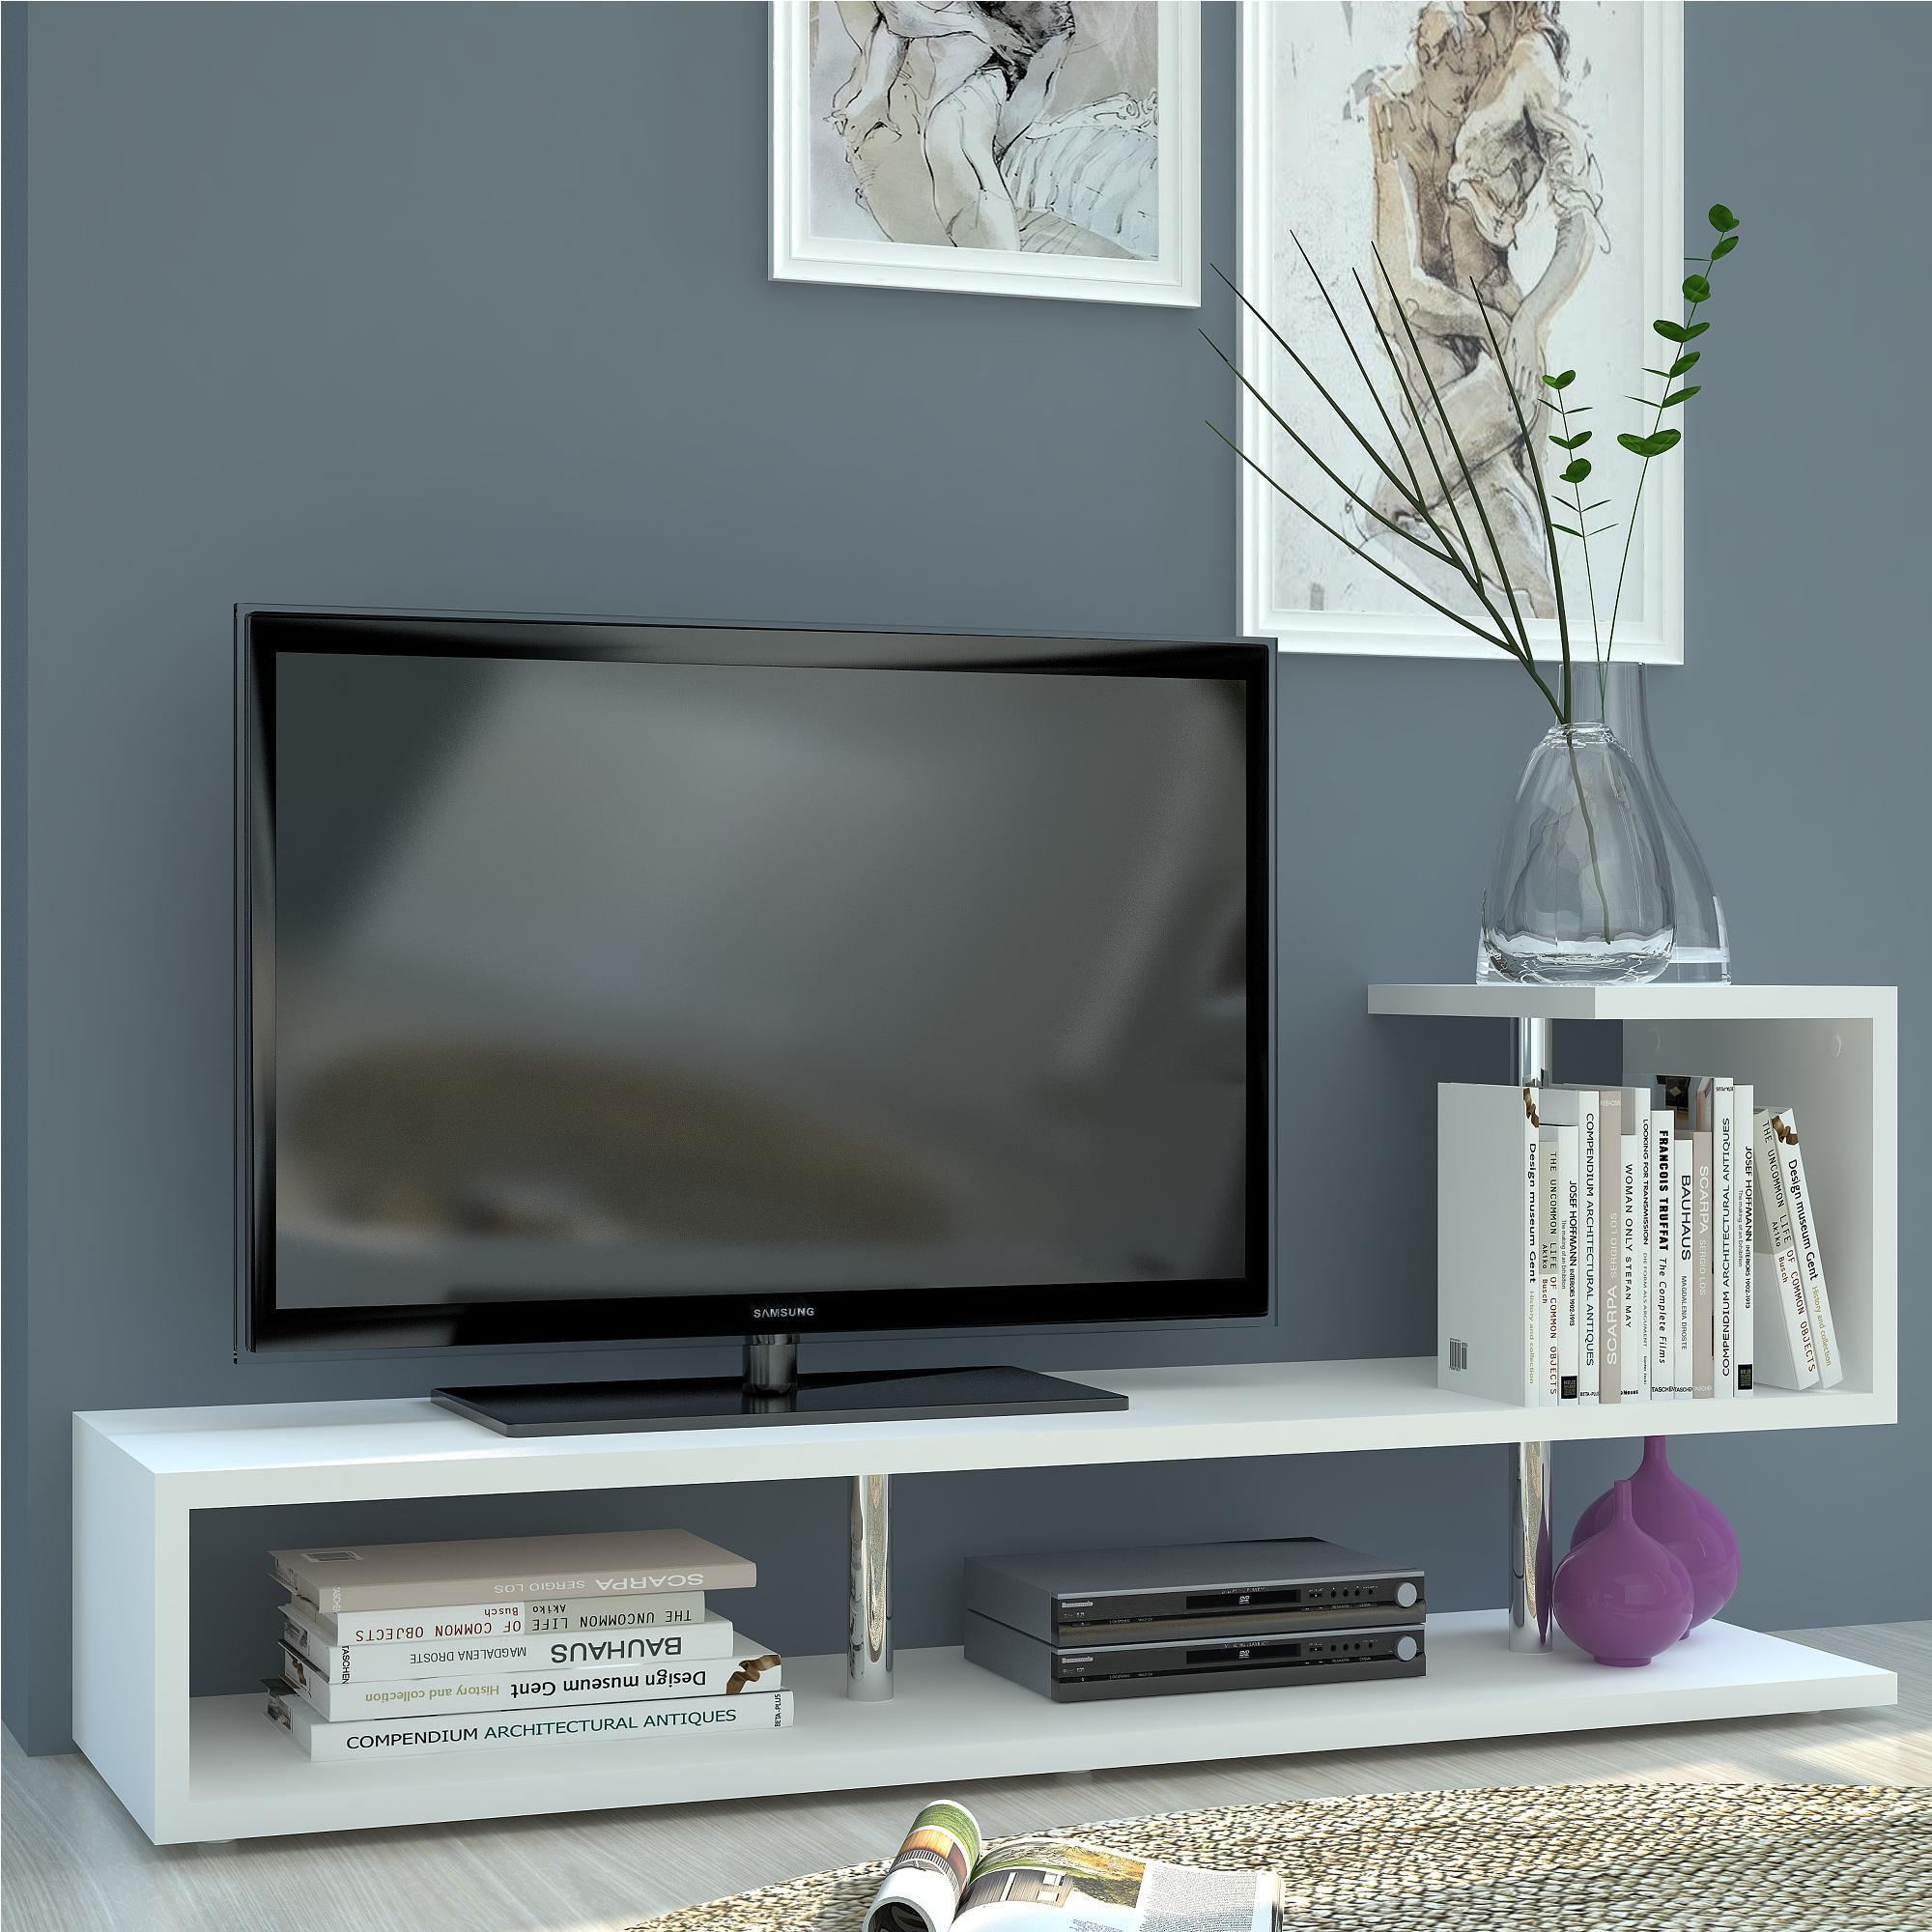 Mobili E Supporti Tv.Mobile Porta Tv Aperto In Legno Melaminico 130x40xh58 7 Cm Colore